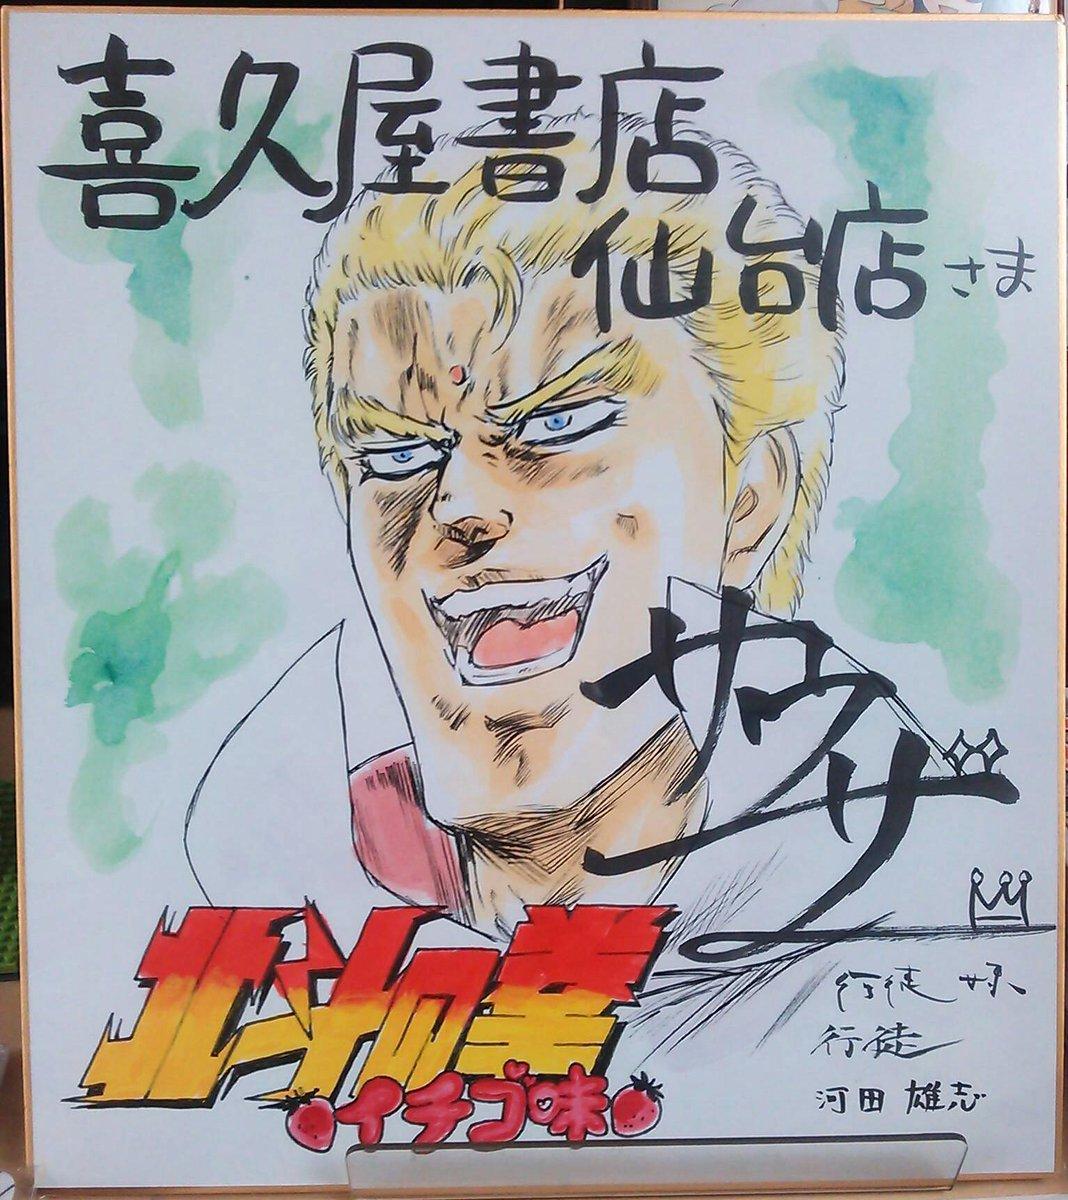 徳間書店・行徒妹先生より「北斗の拳イチゴ味」サイン色紙を頂きました!コーナーにて展示中です!ご来店の際には是非ご覧くださいませ~(*´∀`)♪先生ありがとうございました(*≧∀≦*) http://t.co/PfxZpIxQwu